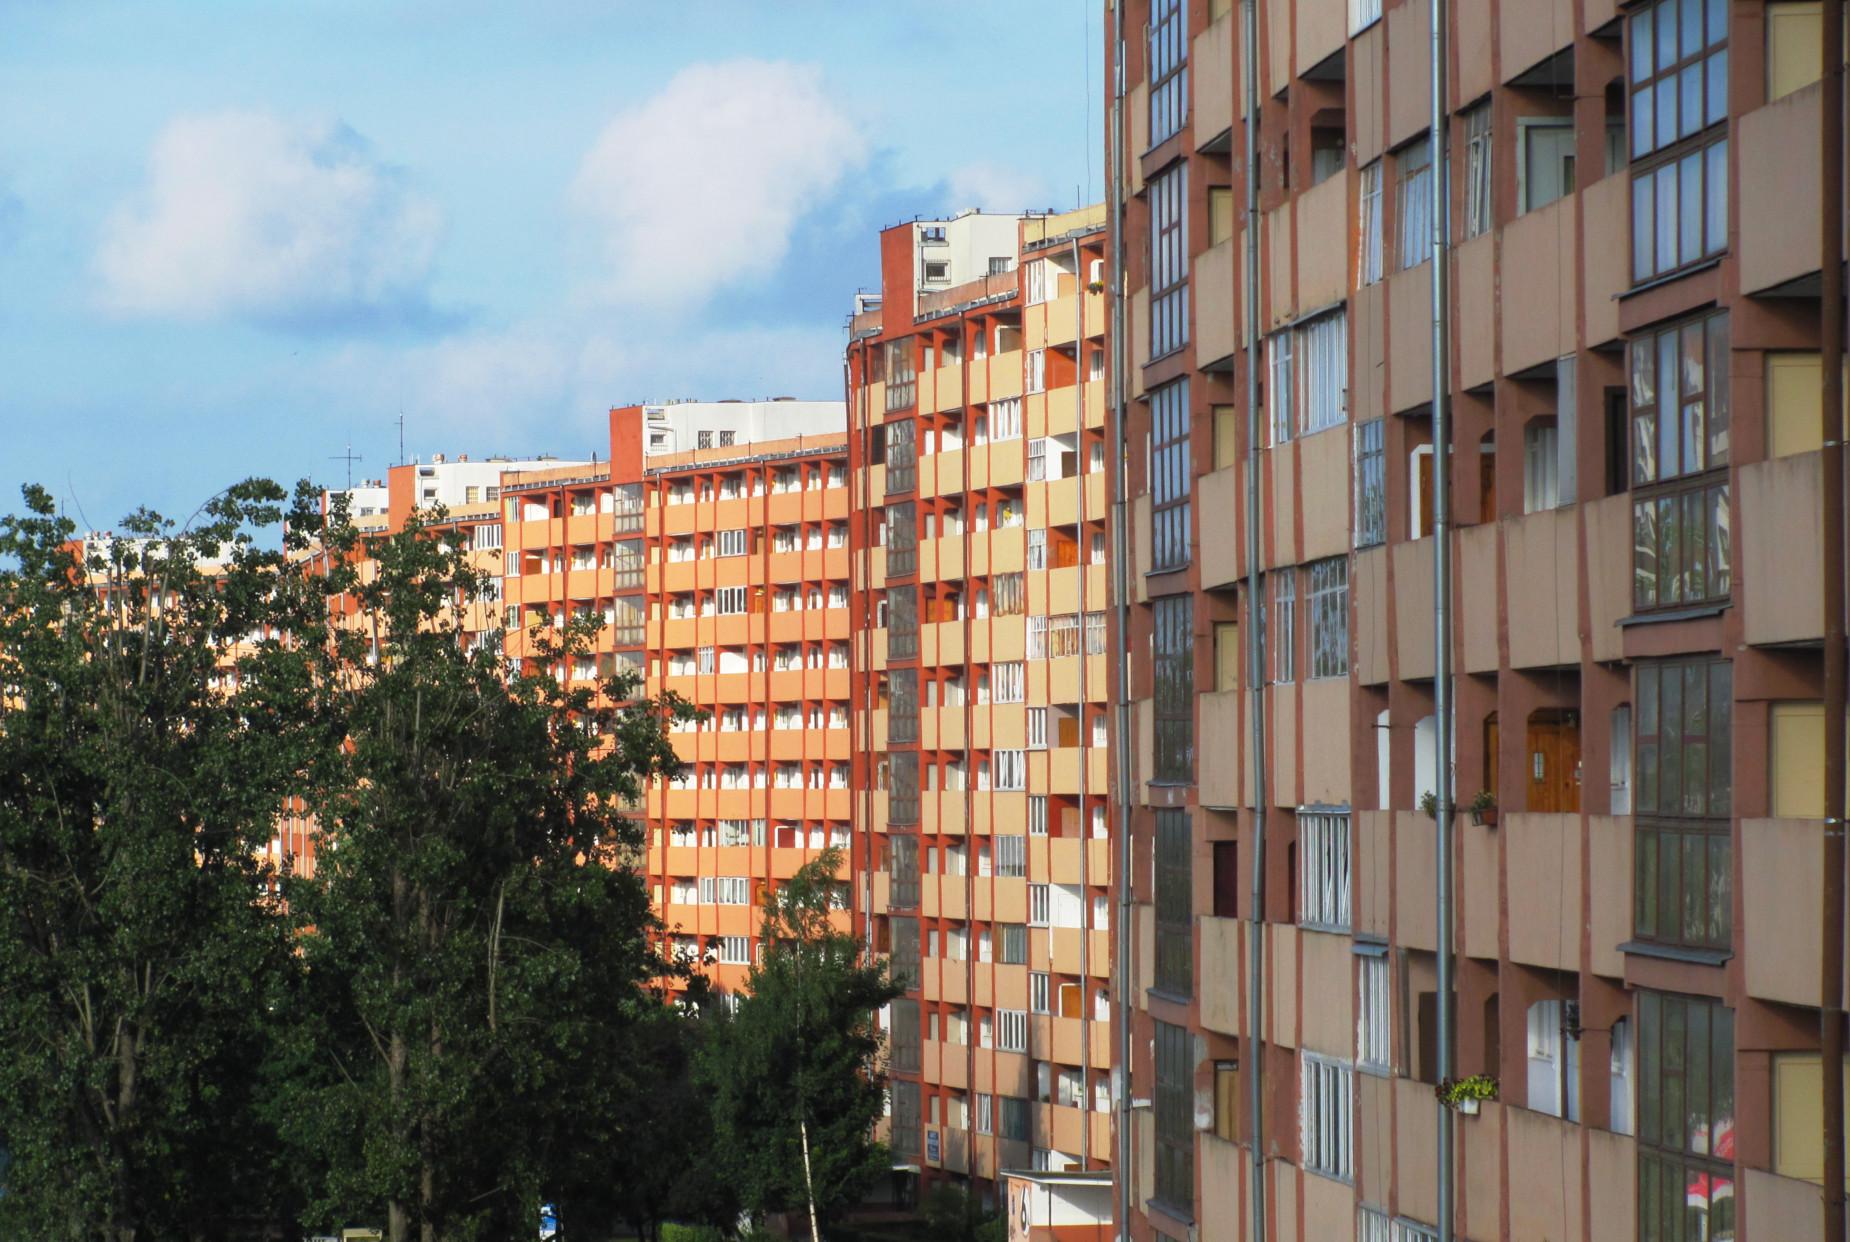 Powojenna polska architektura to nie tylko blokowiska. Przyjdź na spotkanie w IKM i poznaj socrealizm i modernizm